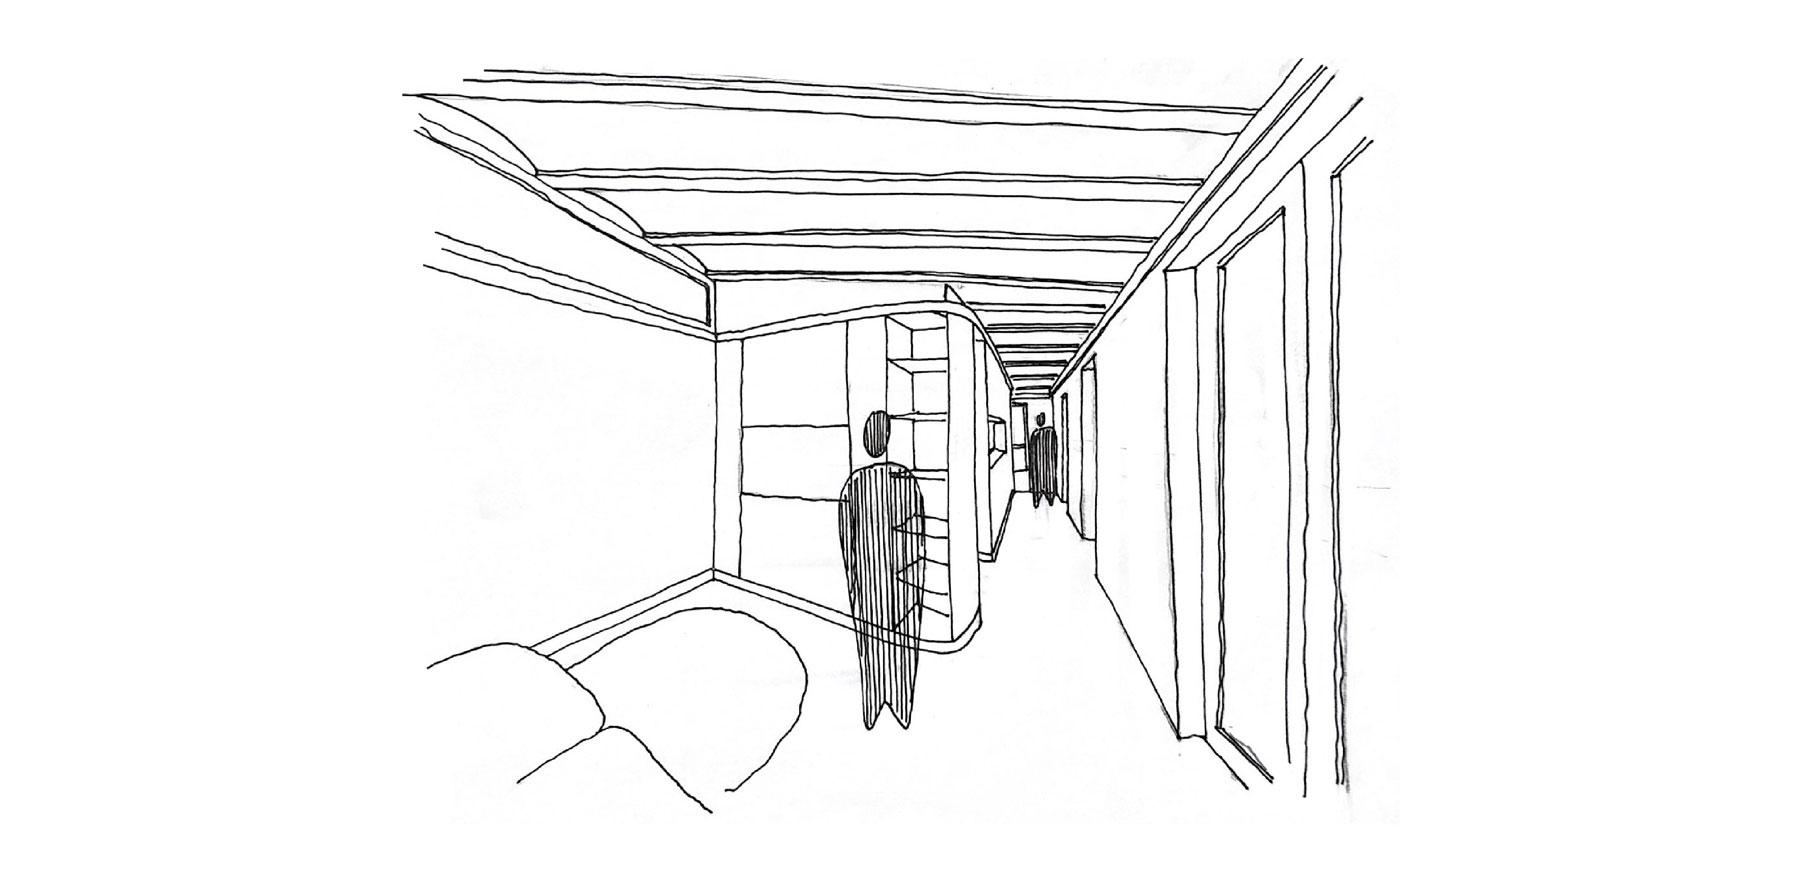 rehabilitacion-edificio-alicante-dibujo